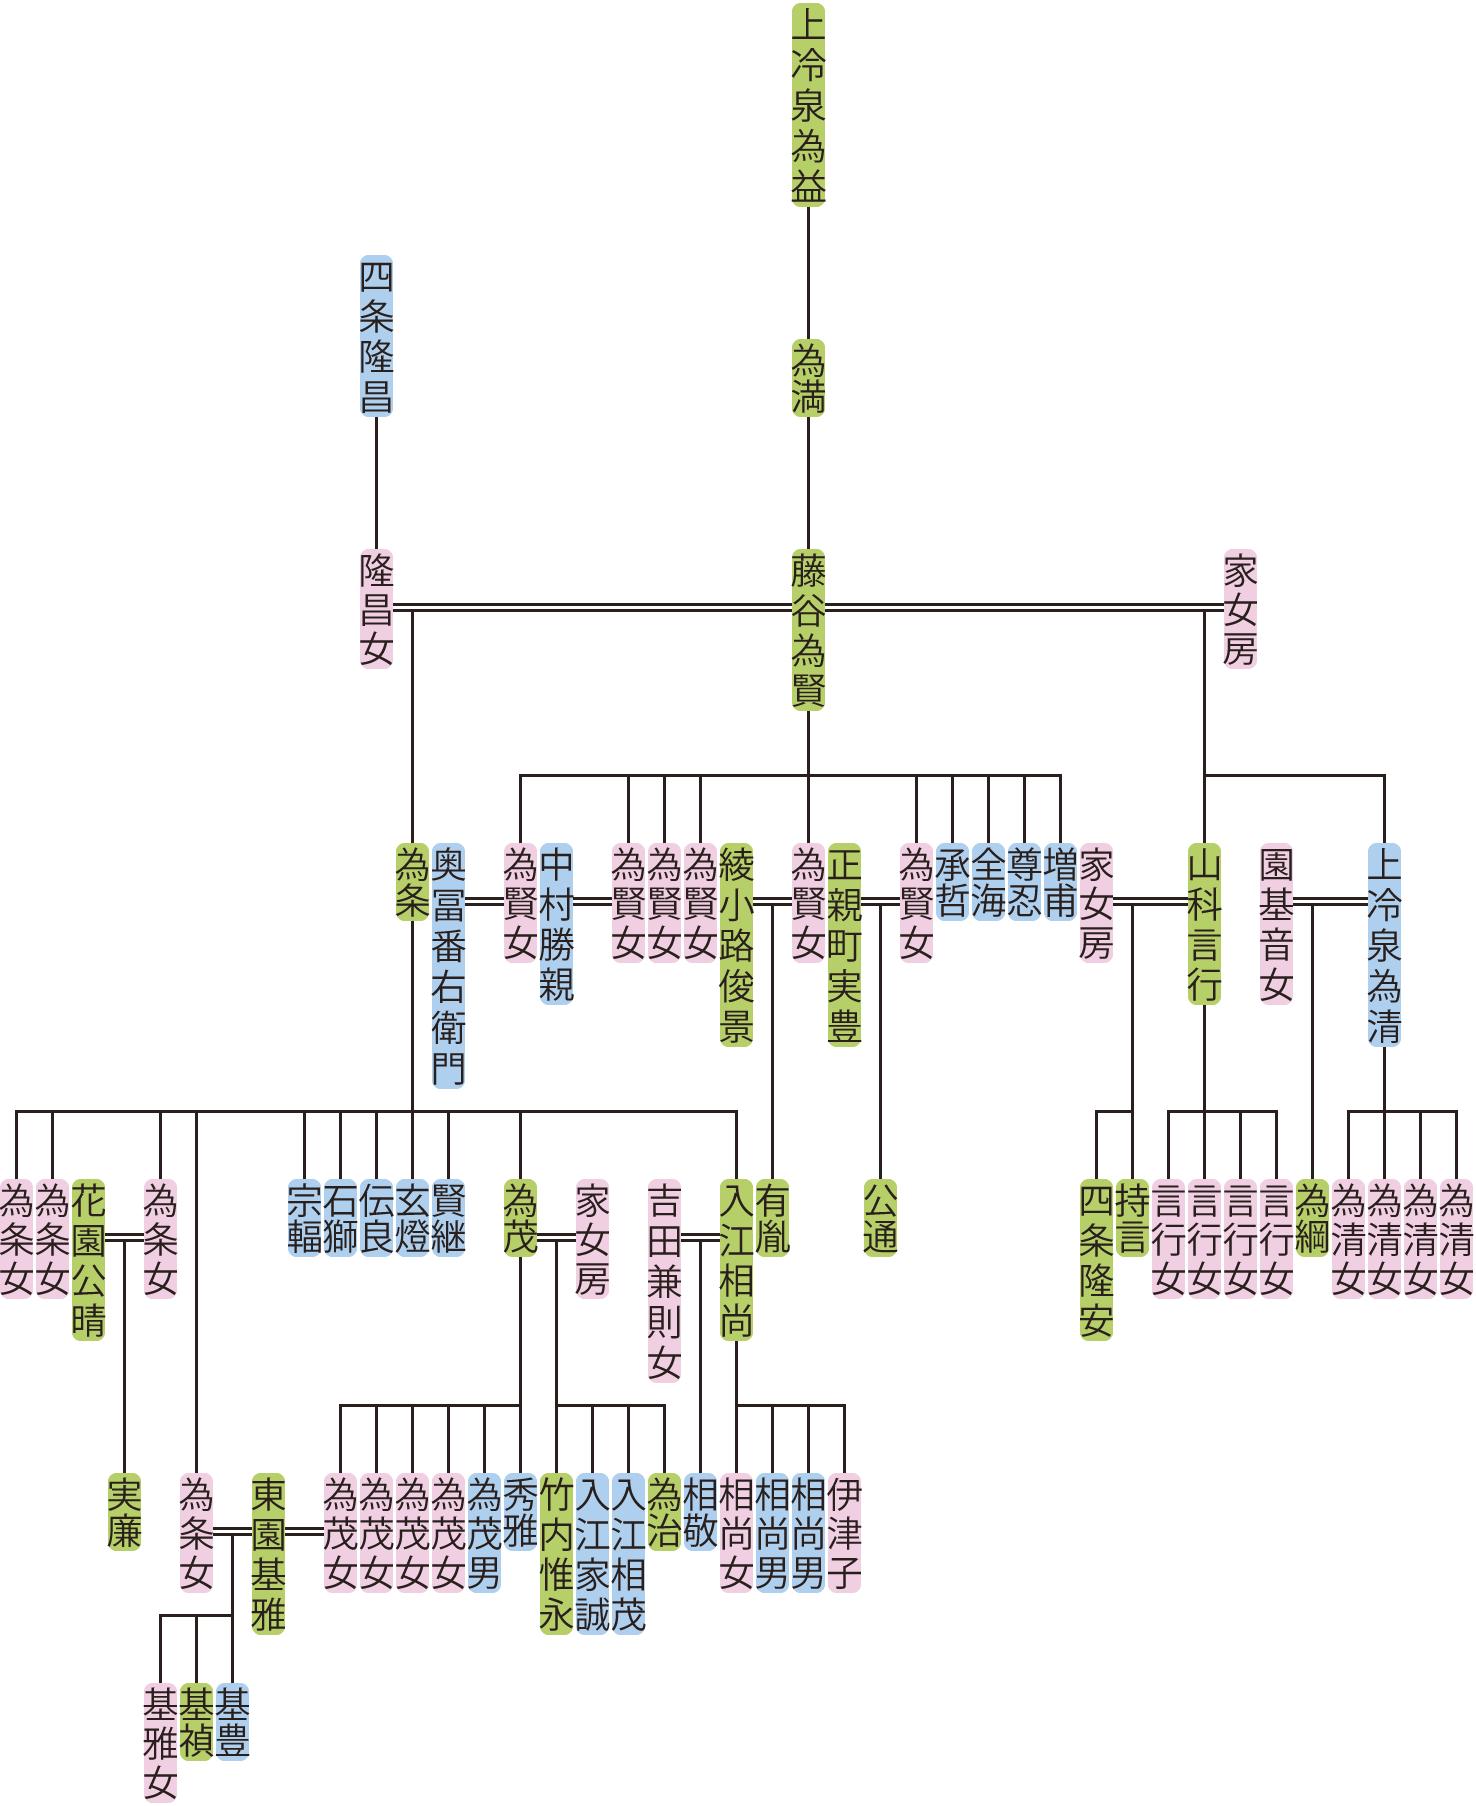 藤谷為賢・為条の系図